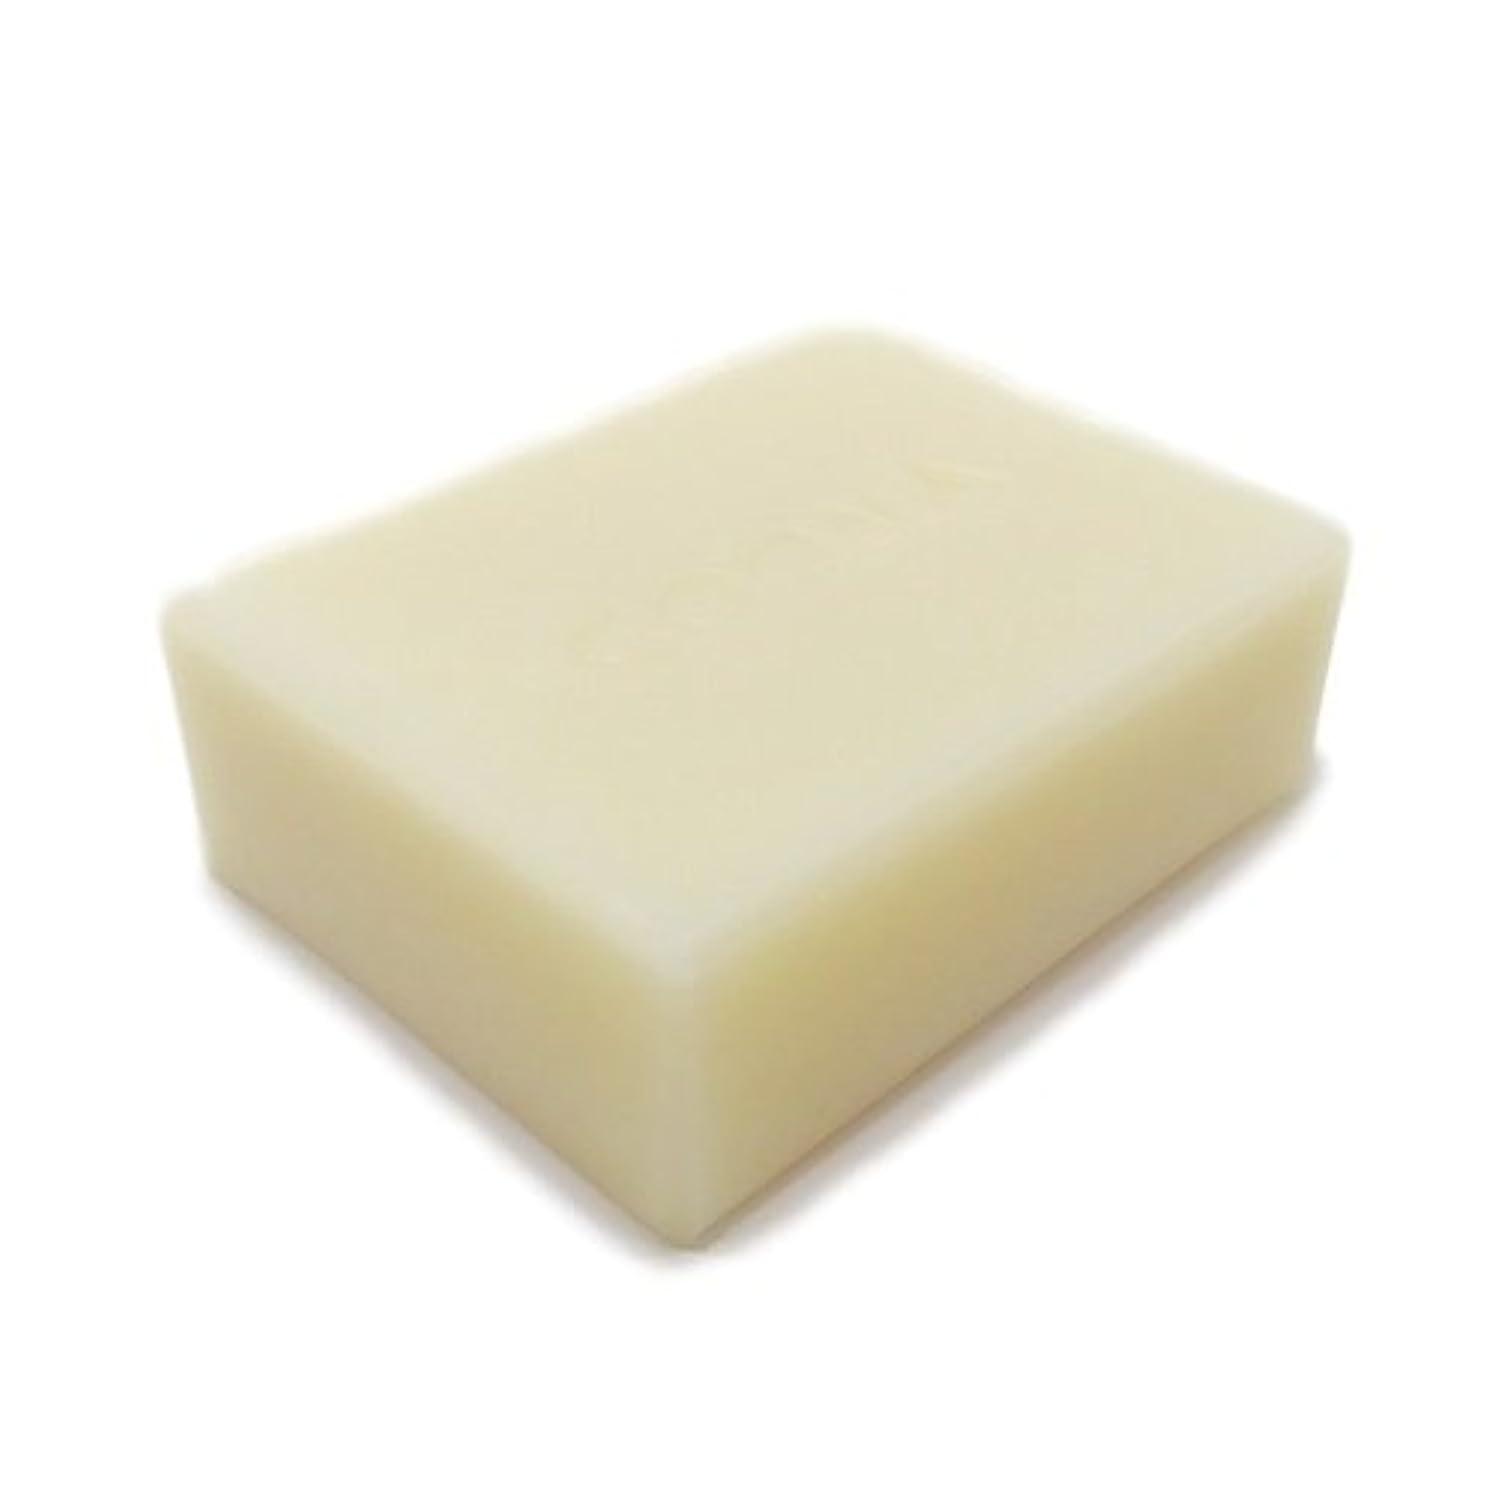 階下船外大破浴用石鹸 COONA和の香り石けん ゆず (天然素材 自然派 コールドプロセス 手作り せっけん) 80g